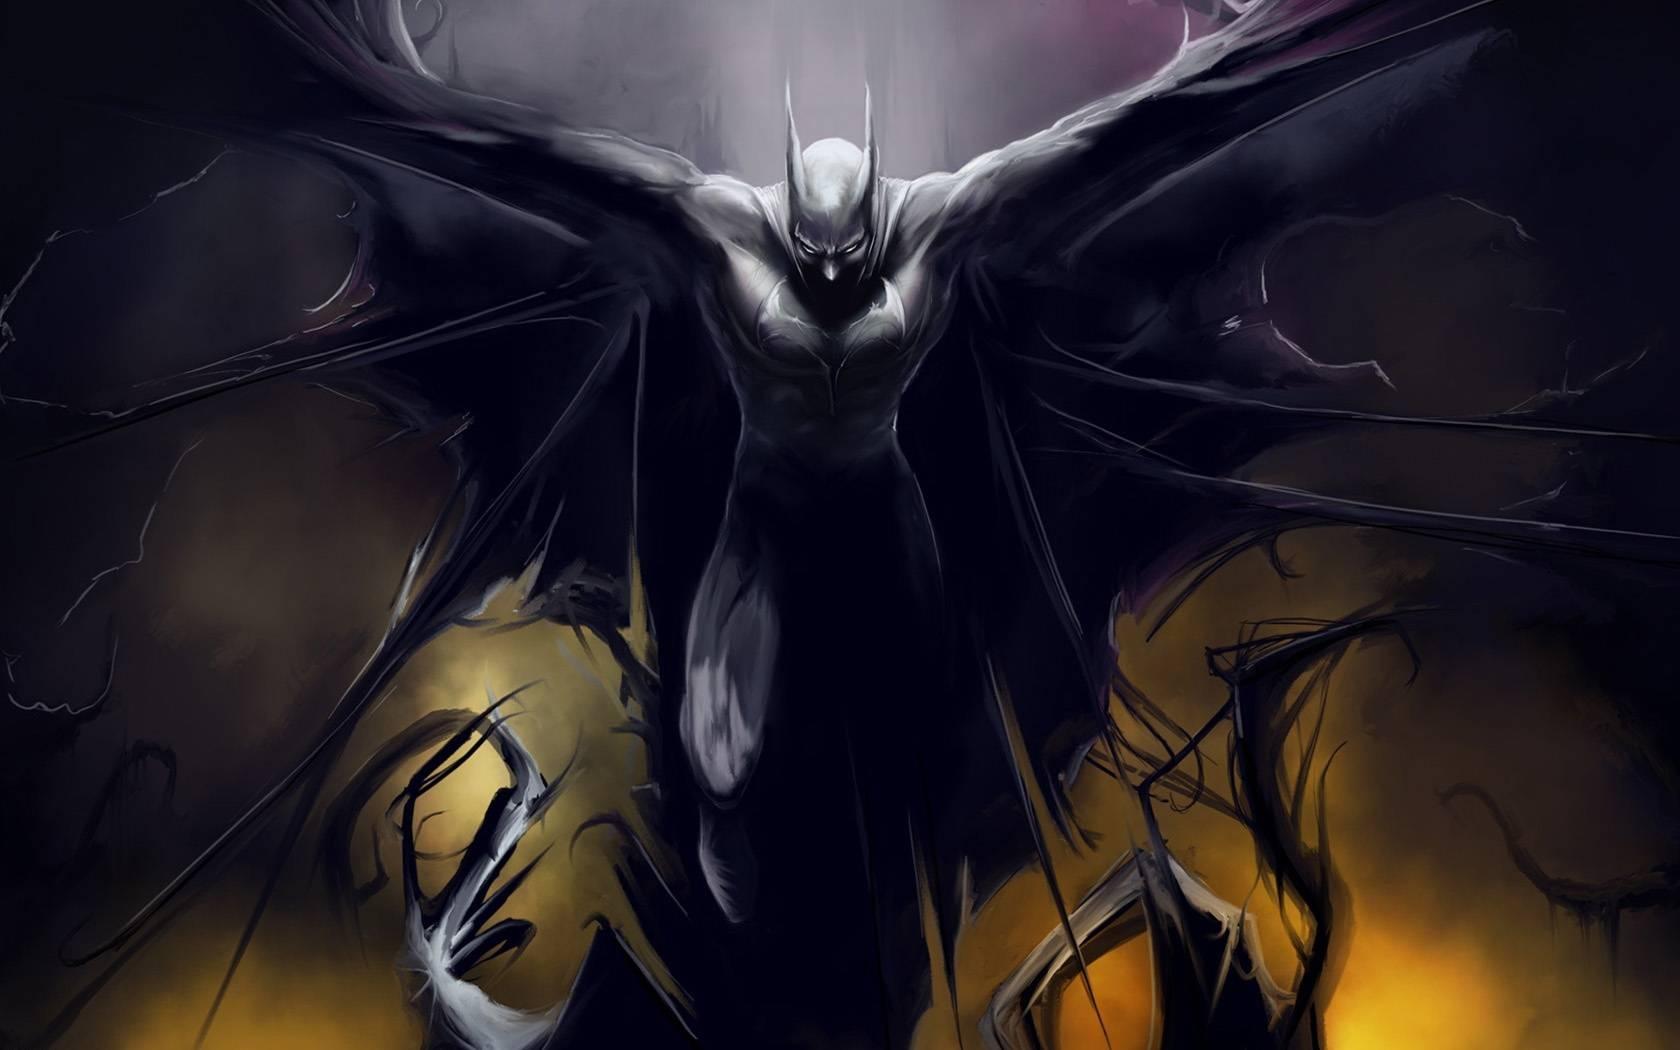 Batman Wallpaper With Regard To Newest Batman 3d Wall Art (View 7 of 20)